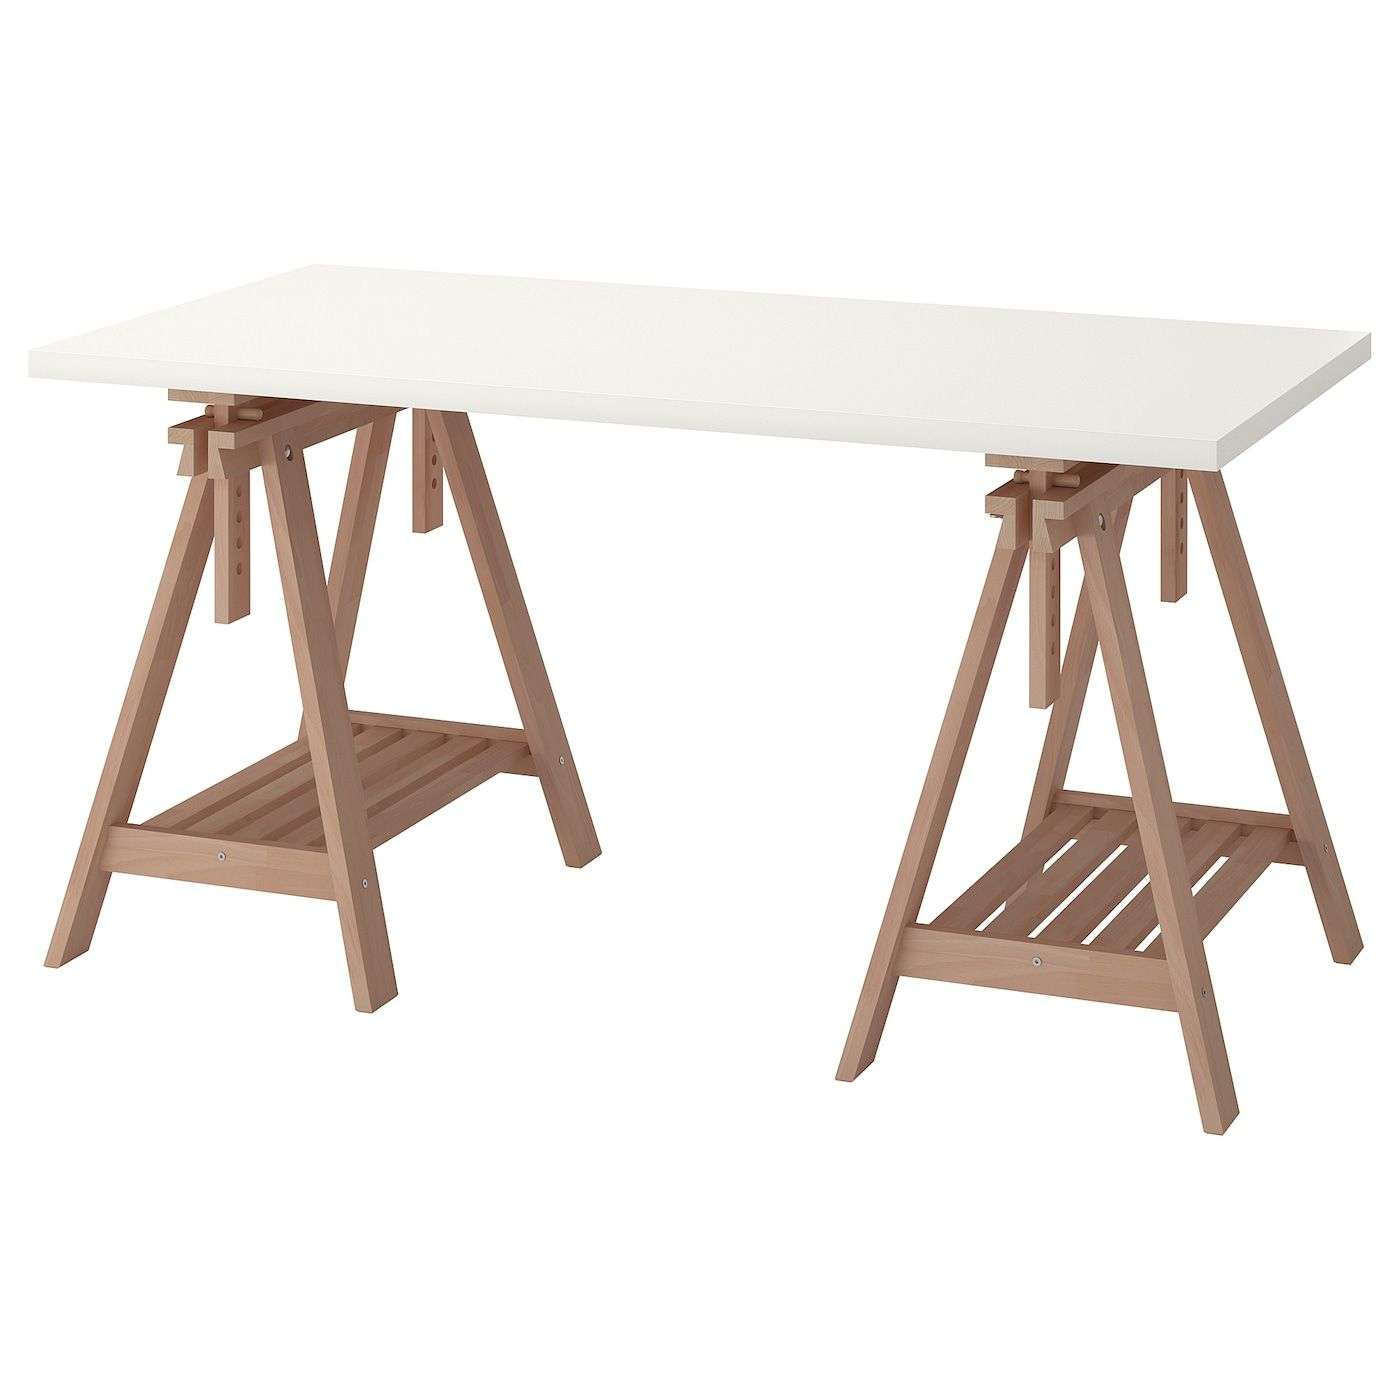 Linnmon Finnvard Table Blanc Hetre 150x75 Cm Les Treteaux Reglables Permettent De Choisir La Position De Votre Plateau De En 2020 Table Ikea Chevalet Bureau Ikea